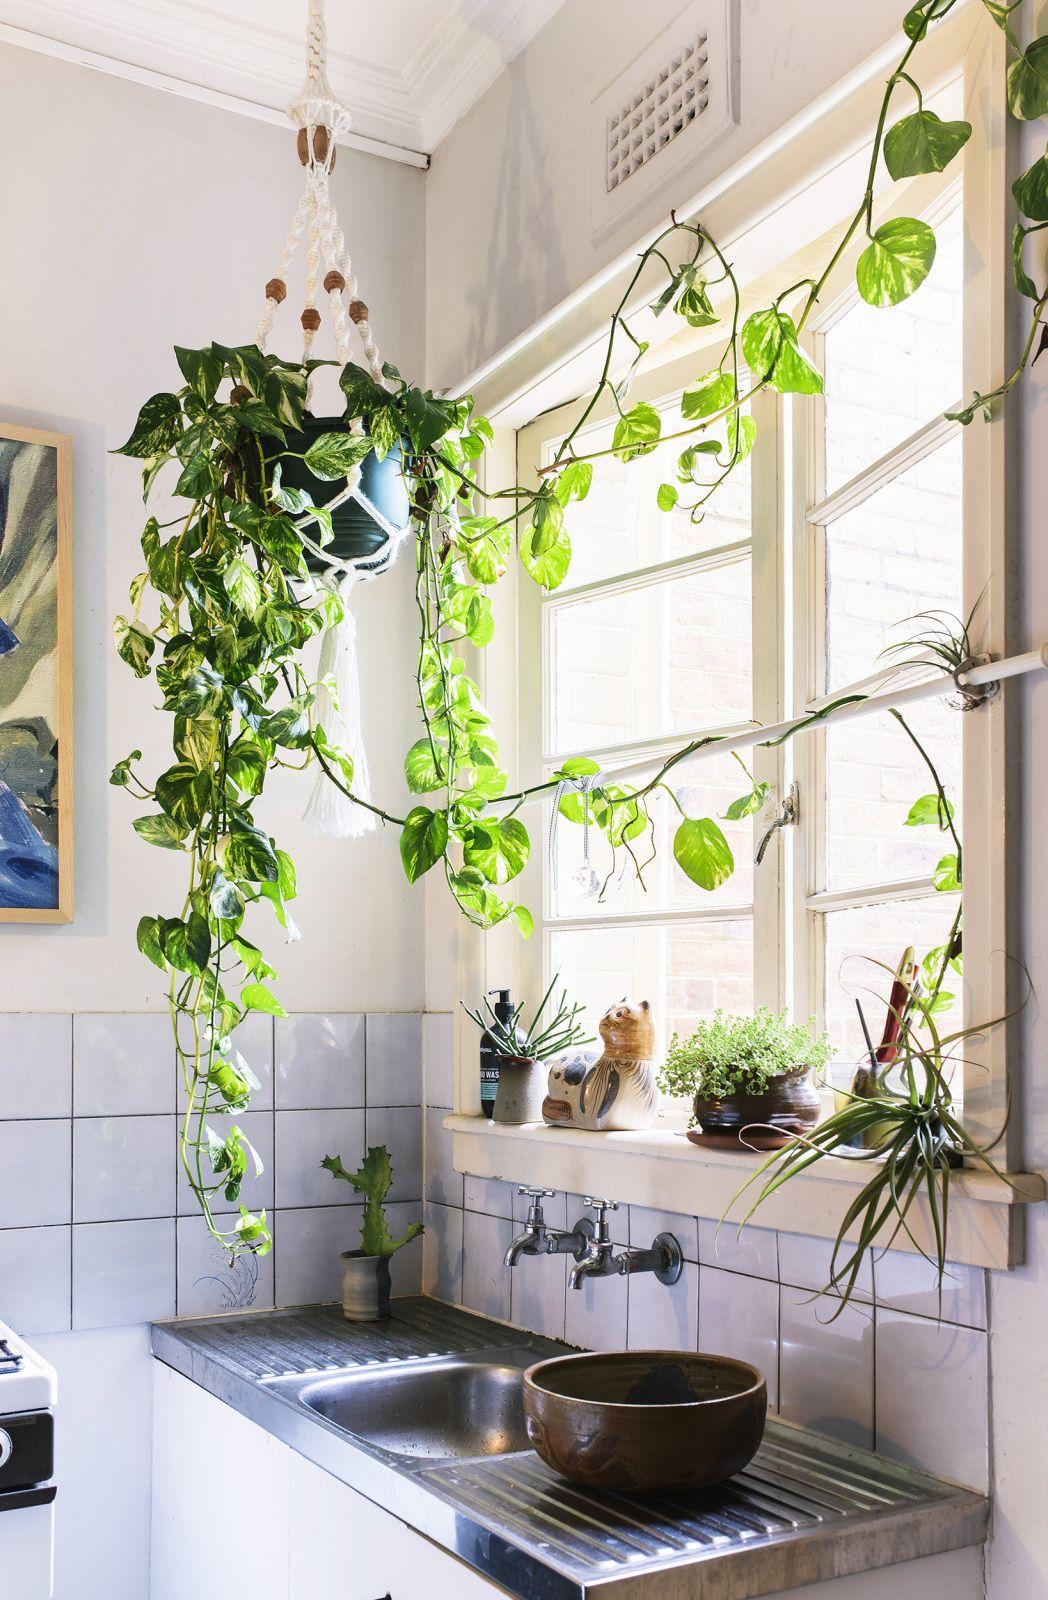 Kitchen sink window decor   idées pour faire la différence dans sa cuisine  elephant in the